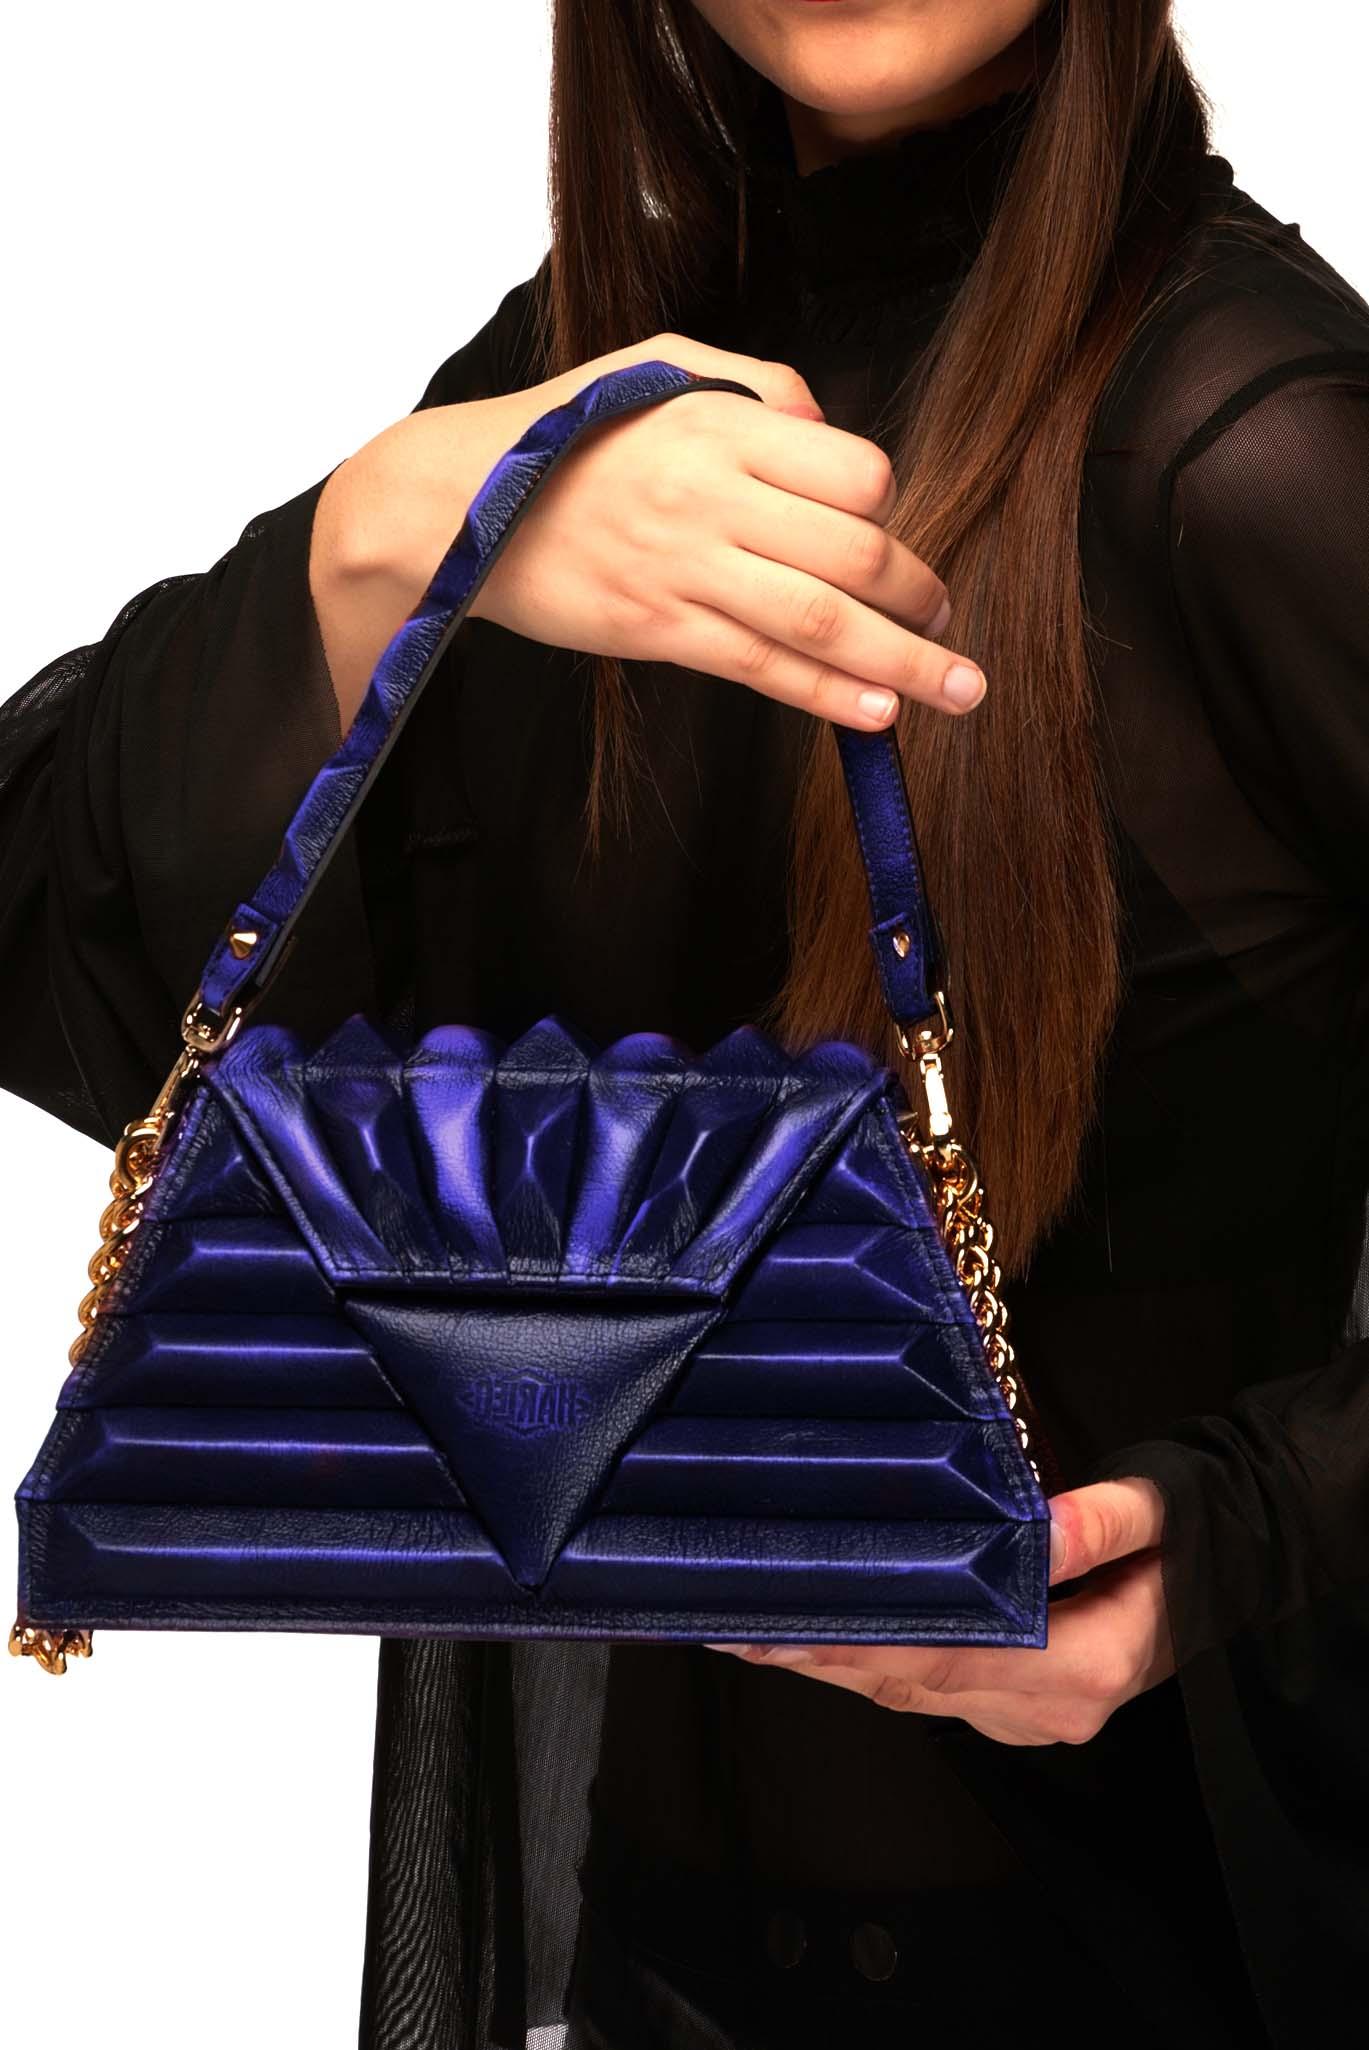 Harleq spinx pochette blue leather